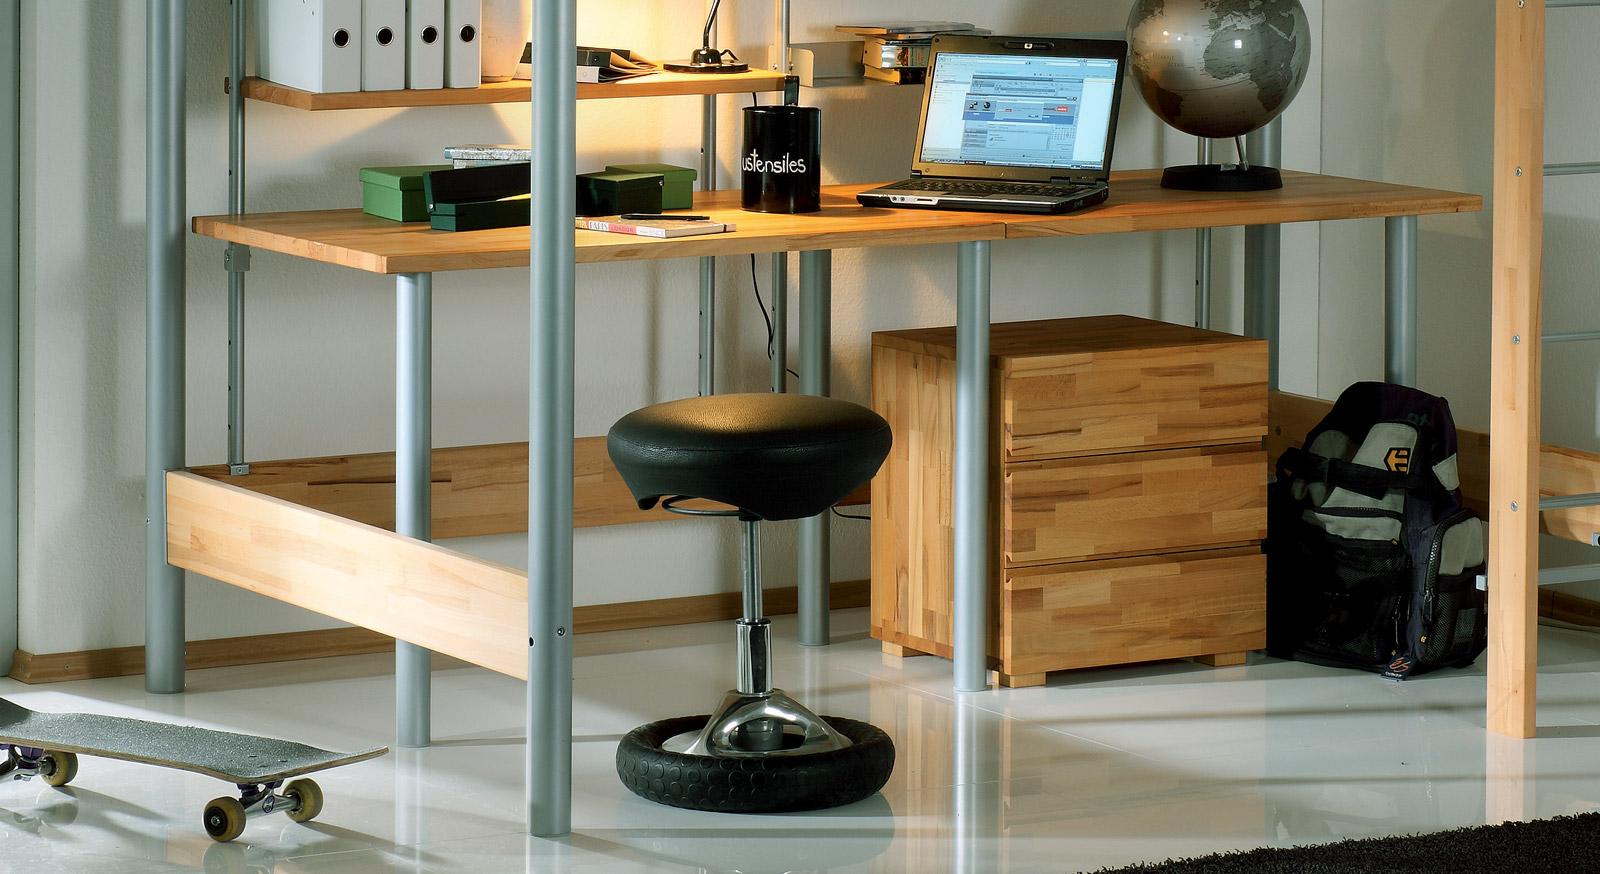 Hoch-und Etagenbett Steven optionaler Schreibtisch und Nachttisch